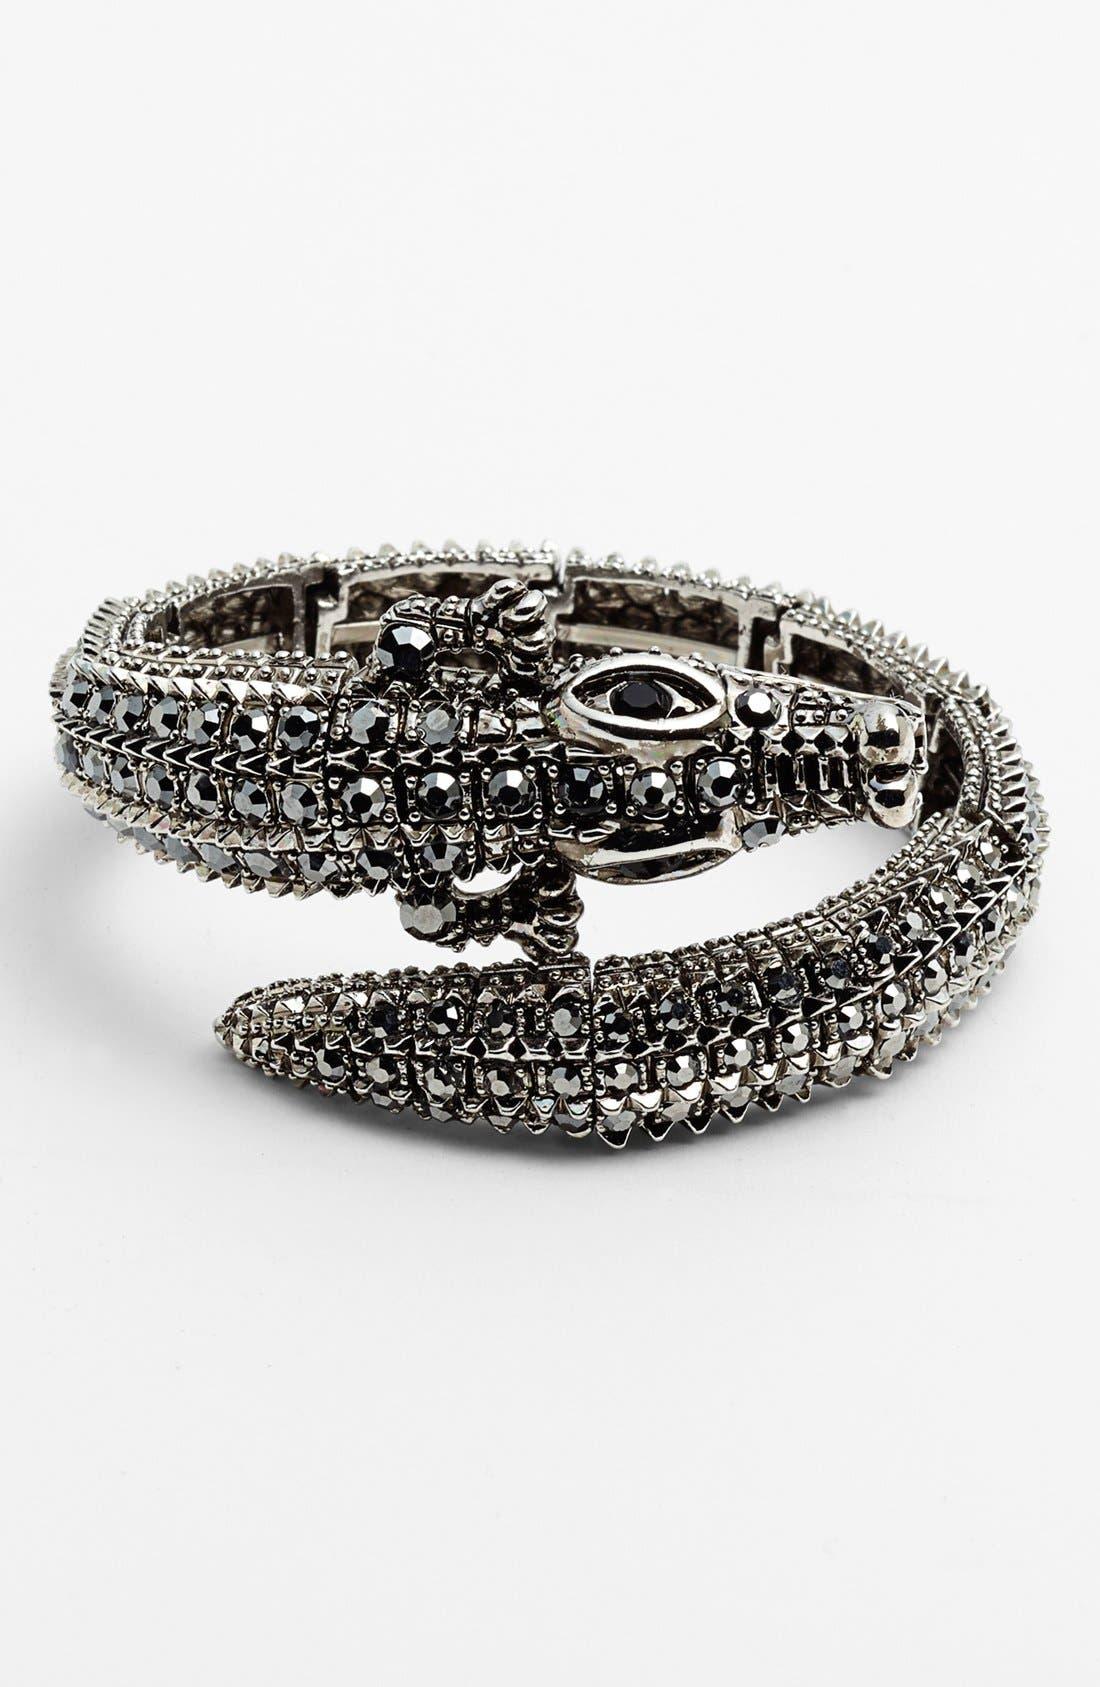 Alternate Image 1 Selected - Tasha 'Critter' Coil Bracelet